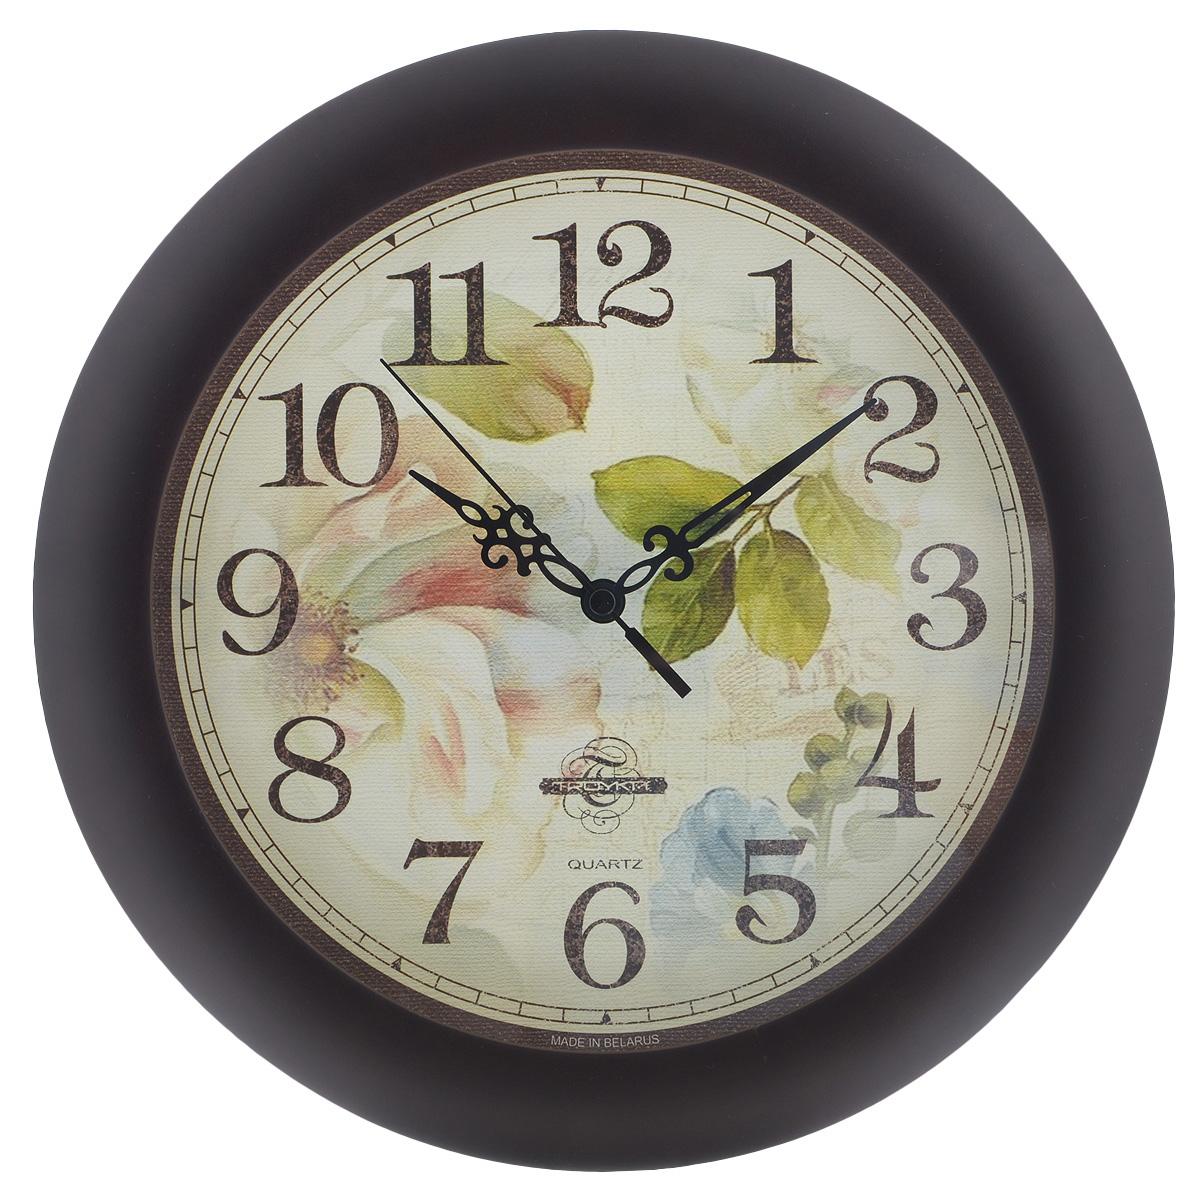 Часы настенные Troyka Цветы, цвет: светло-зеленый, коричневый. 1116315911163159Настенные кварцевые часы Troyka Цветы, изготовленные из пластика, прекрасно подойдут под интерьер вашего дома. Круглые часы имеют три стрелки: часовую, минутную и секундную, циферблат украшен изображением цветов и защищен прозрачным пластиком. Диаметр часов: 30 см. Часы работают от 1 батарейки типа АА напряжением 1,5 В (входит в комплект).